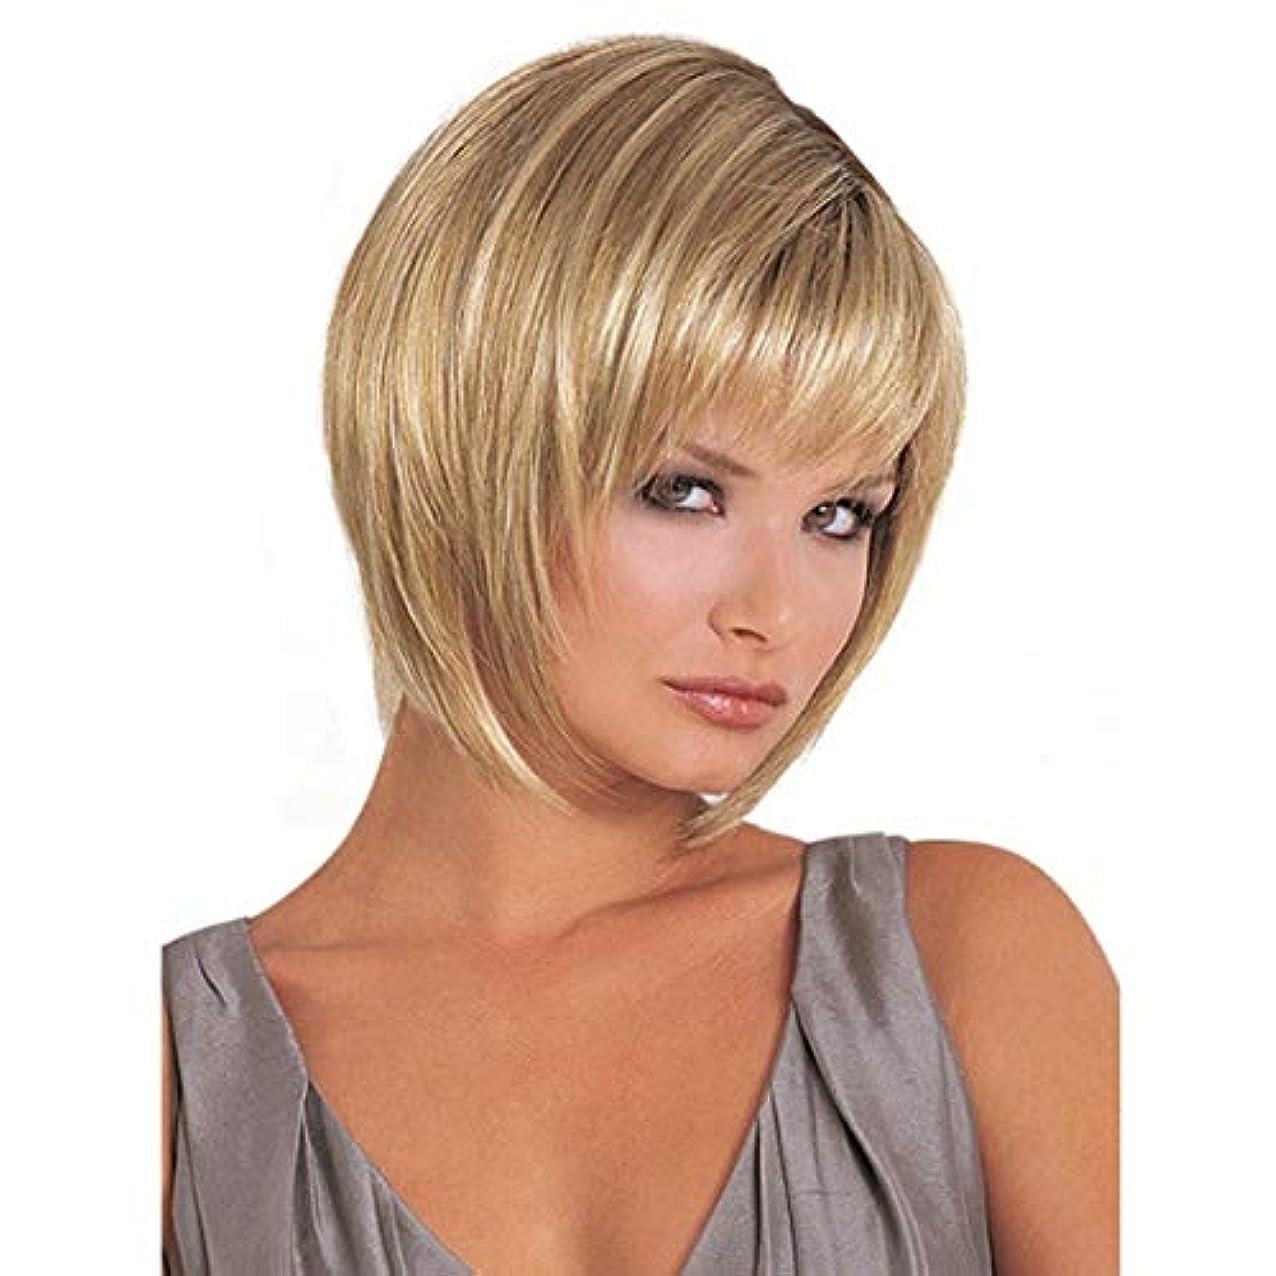 任意好み丁寧Kerwinner ふわふわのマイクロボリューム現実的なかつら女性のための短いカーリーナチュラルカラーゴールドかつら白髪用かつら20cm / 25cm